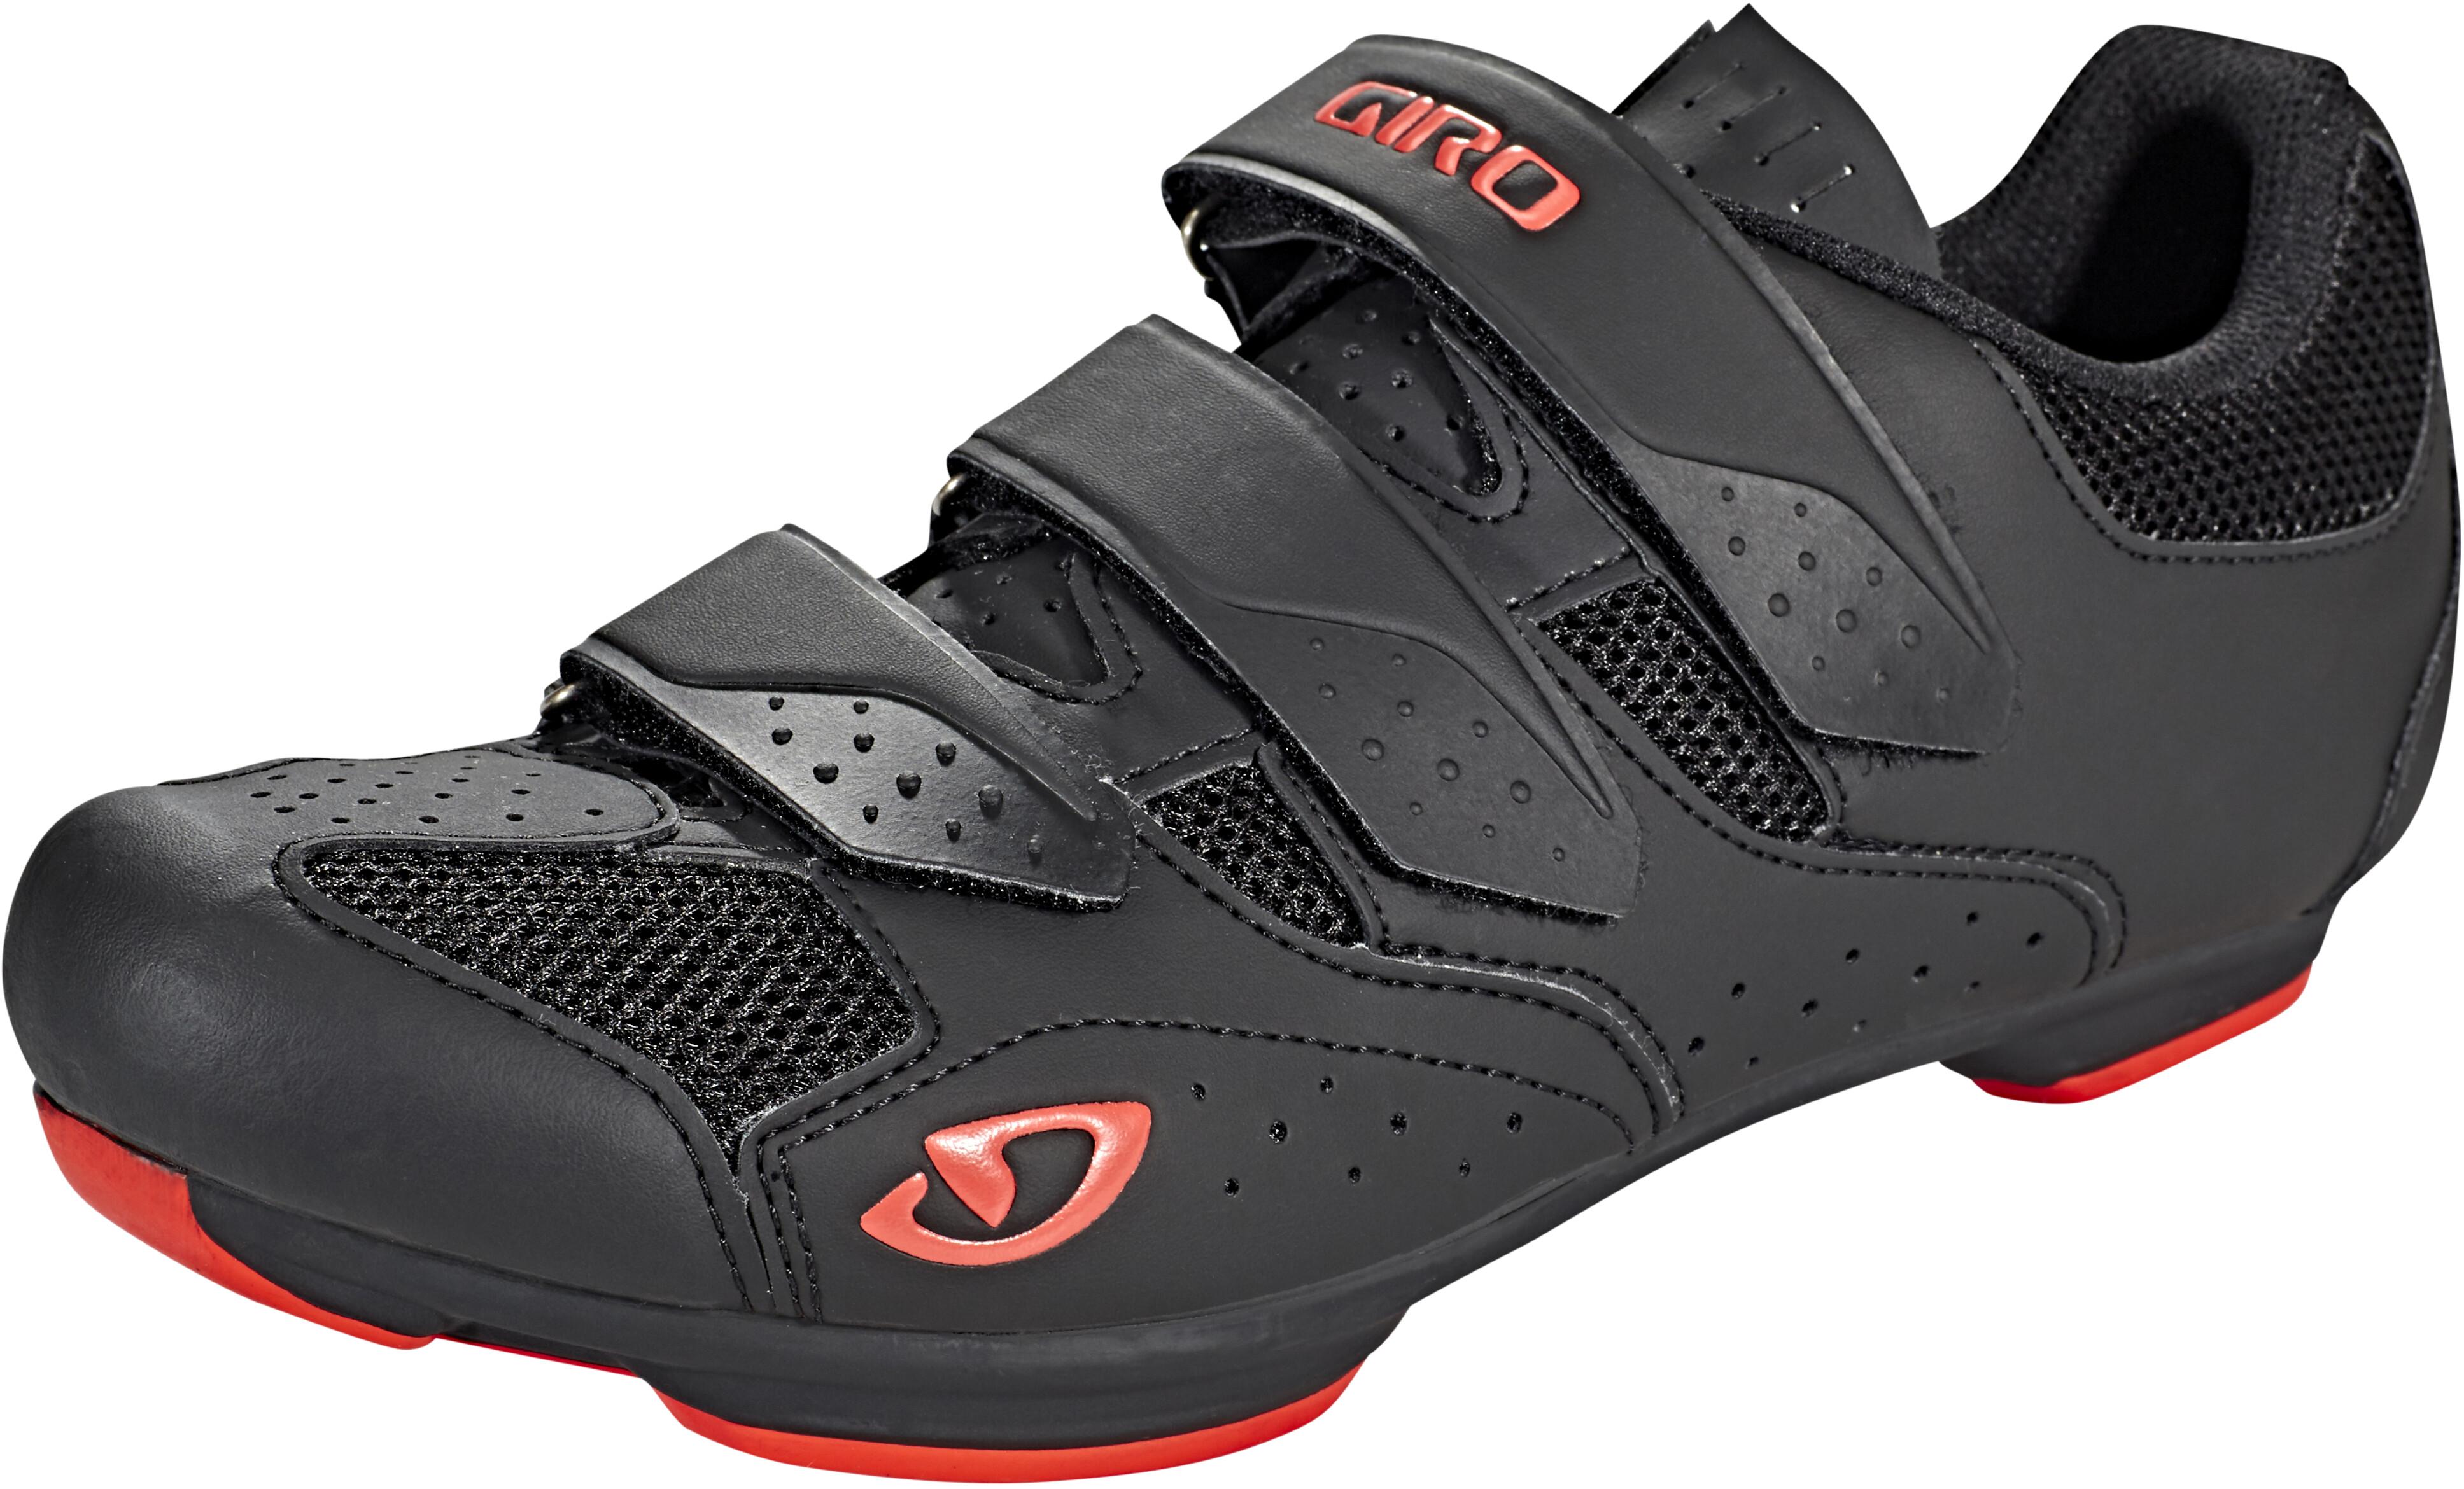 e0cc466b2 Giro Rev Shoes Men black at Bikester.co.uk